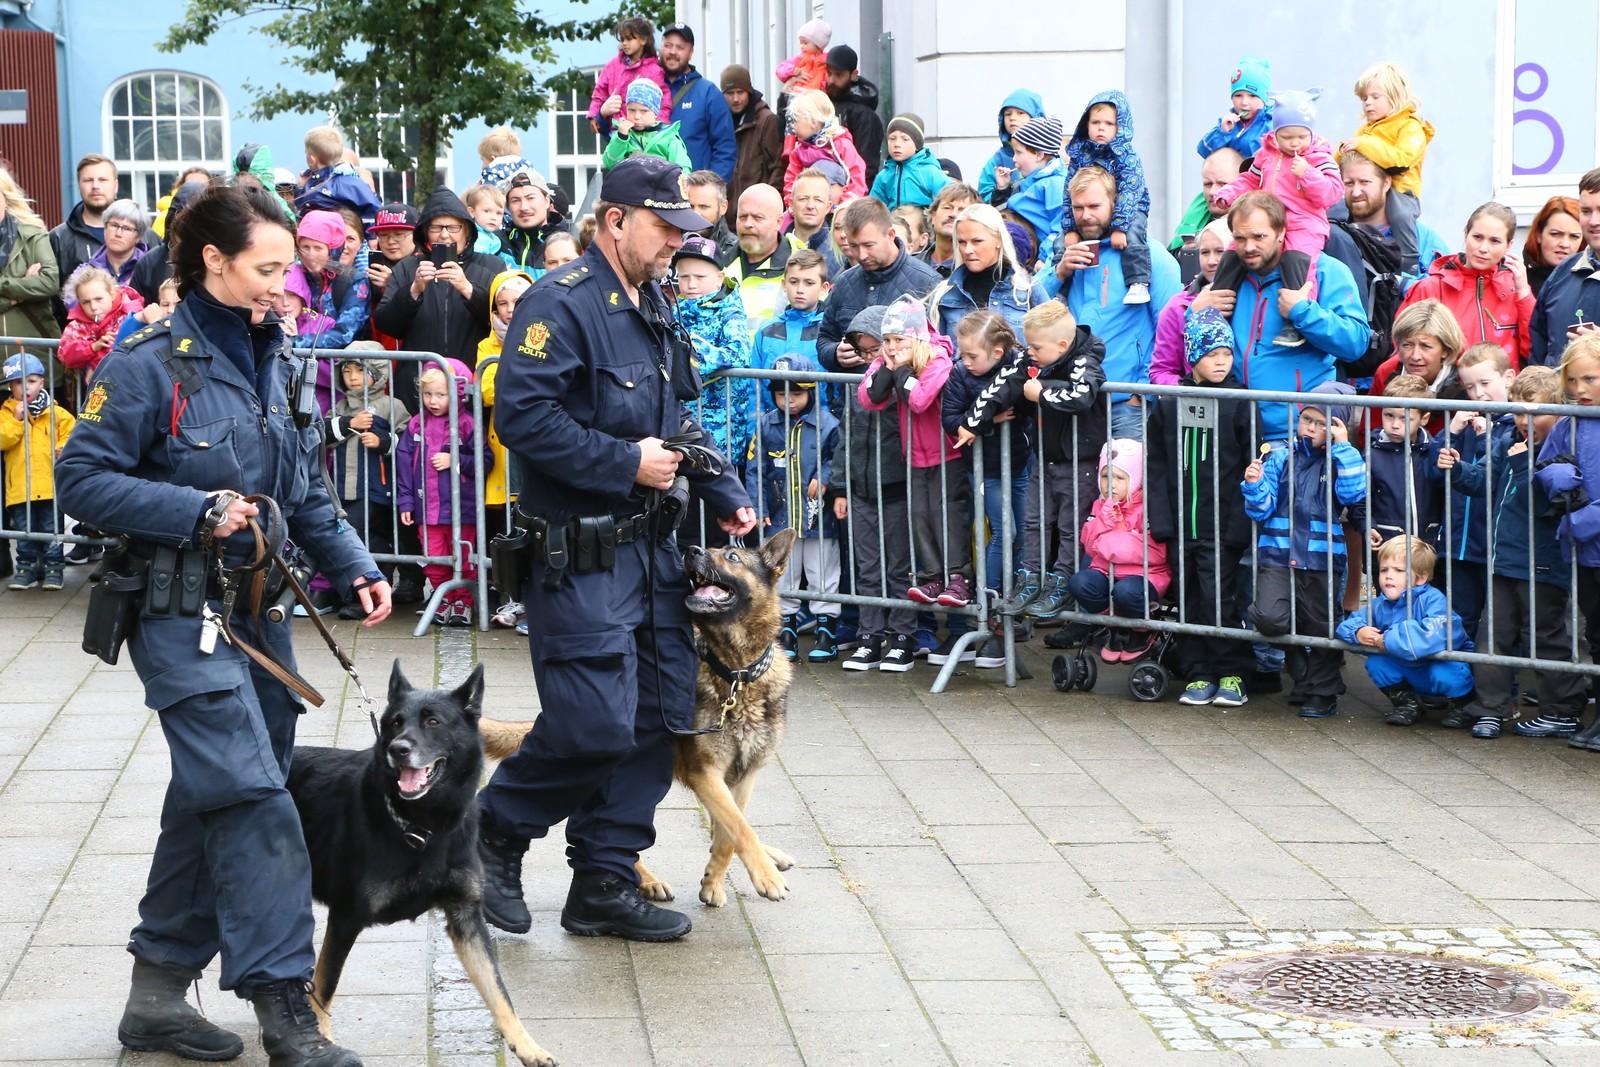 Politiet hadde oppvisning med politihundene for dem som hadde møtt opp.